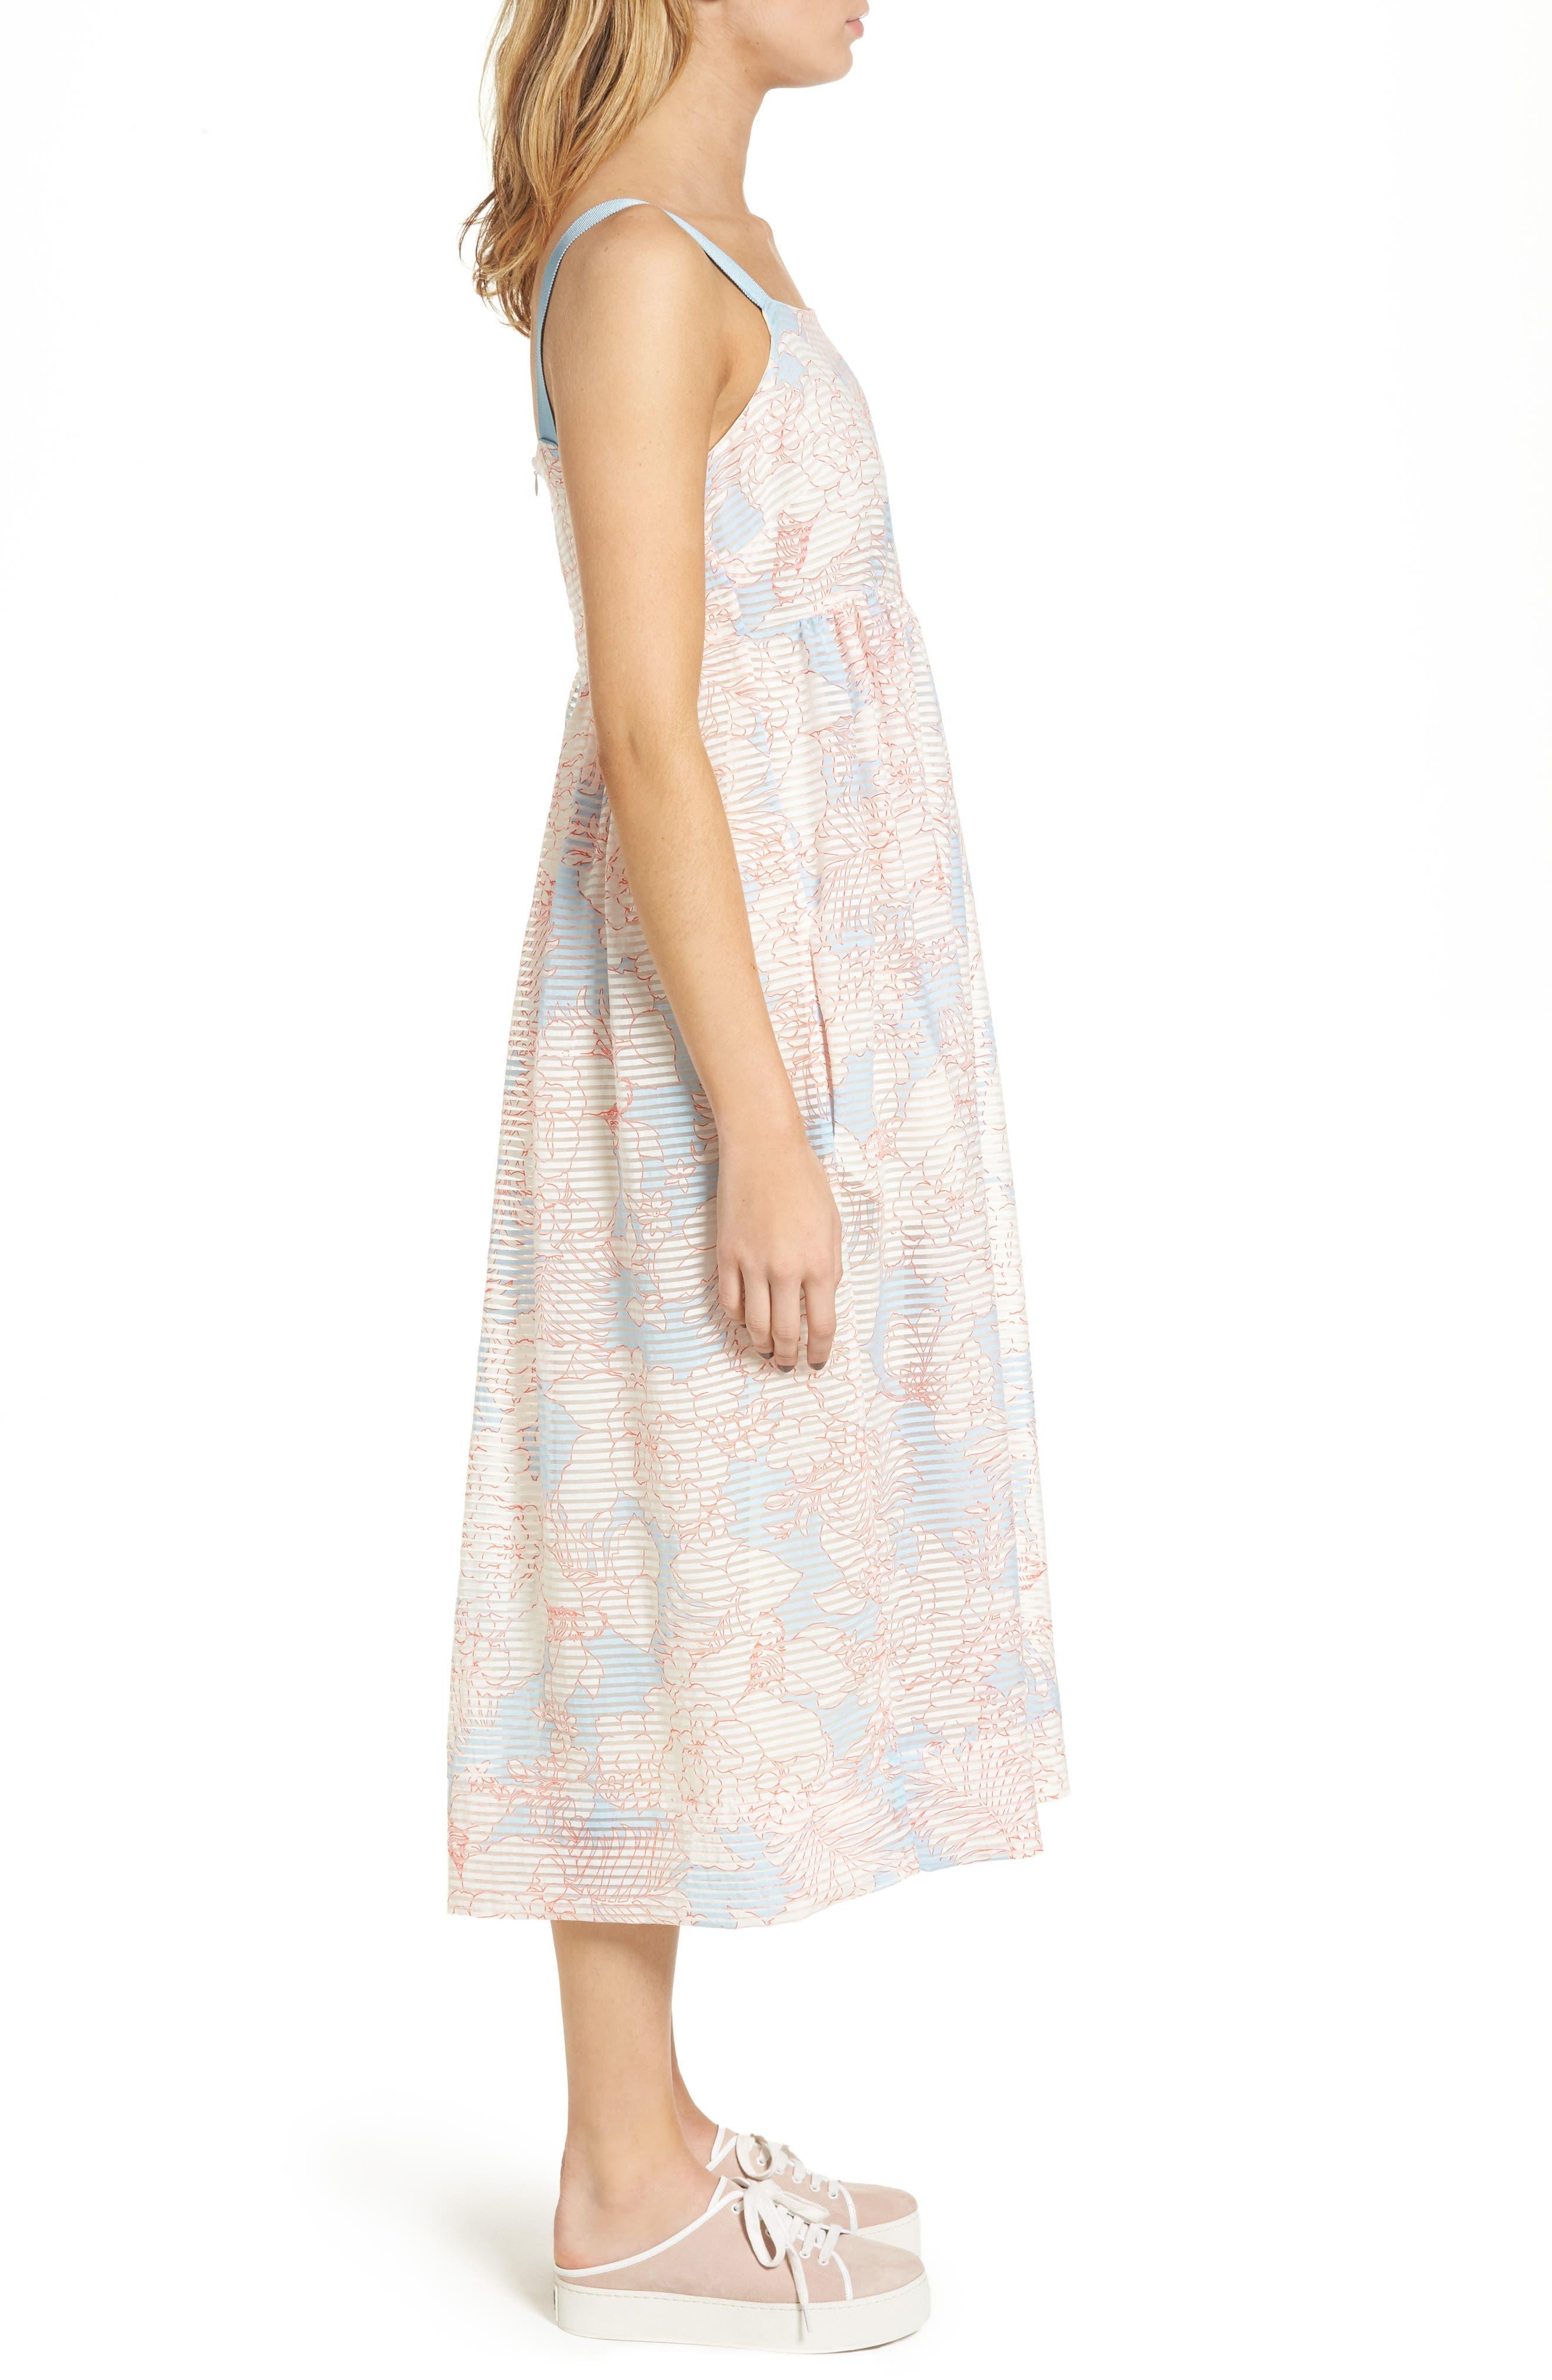 Bahamas Print Midi Dress,                             Alternate thumbnail 3, color,                             400